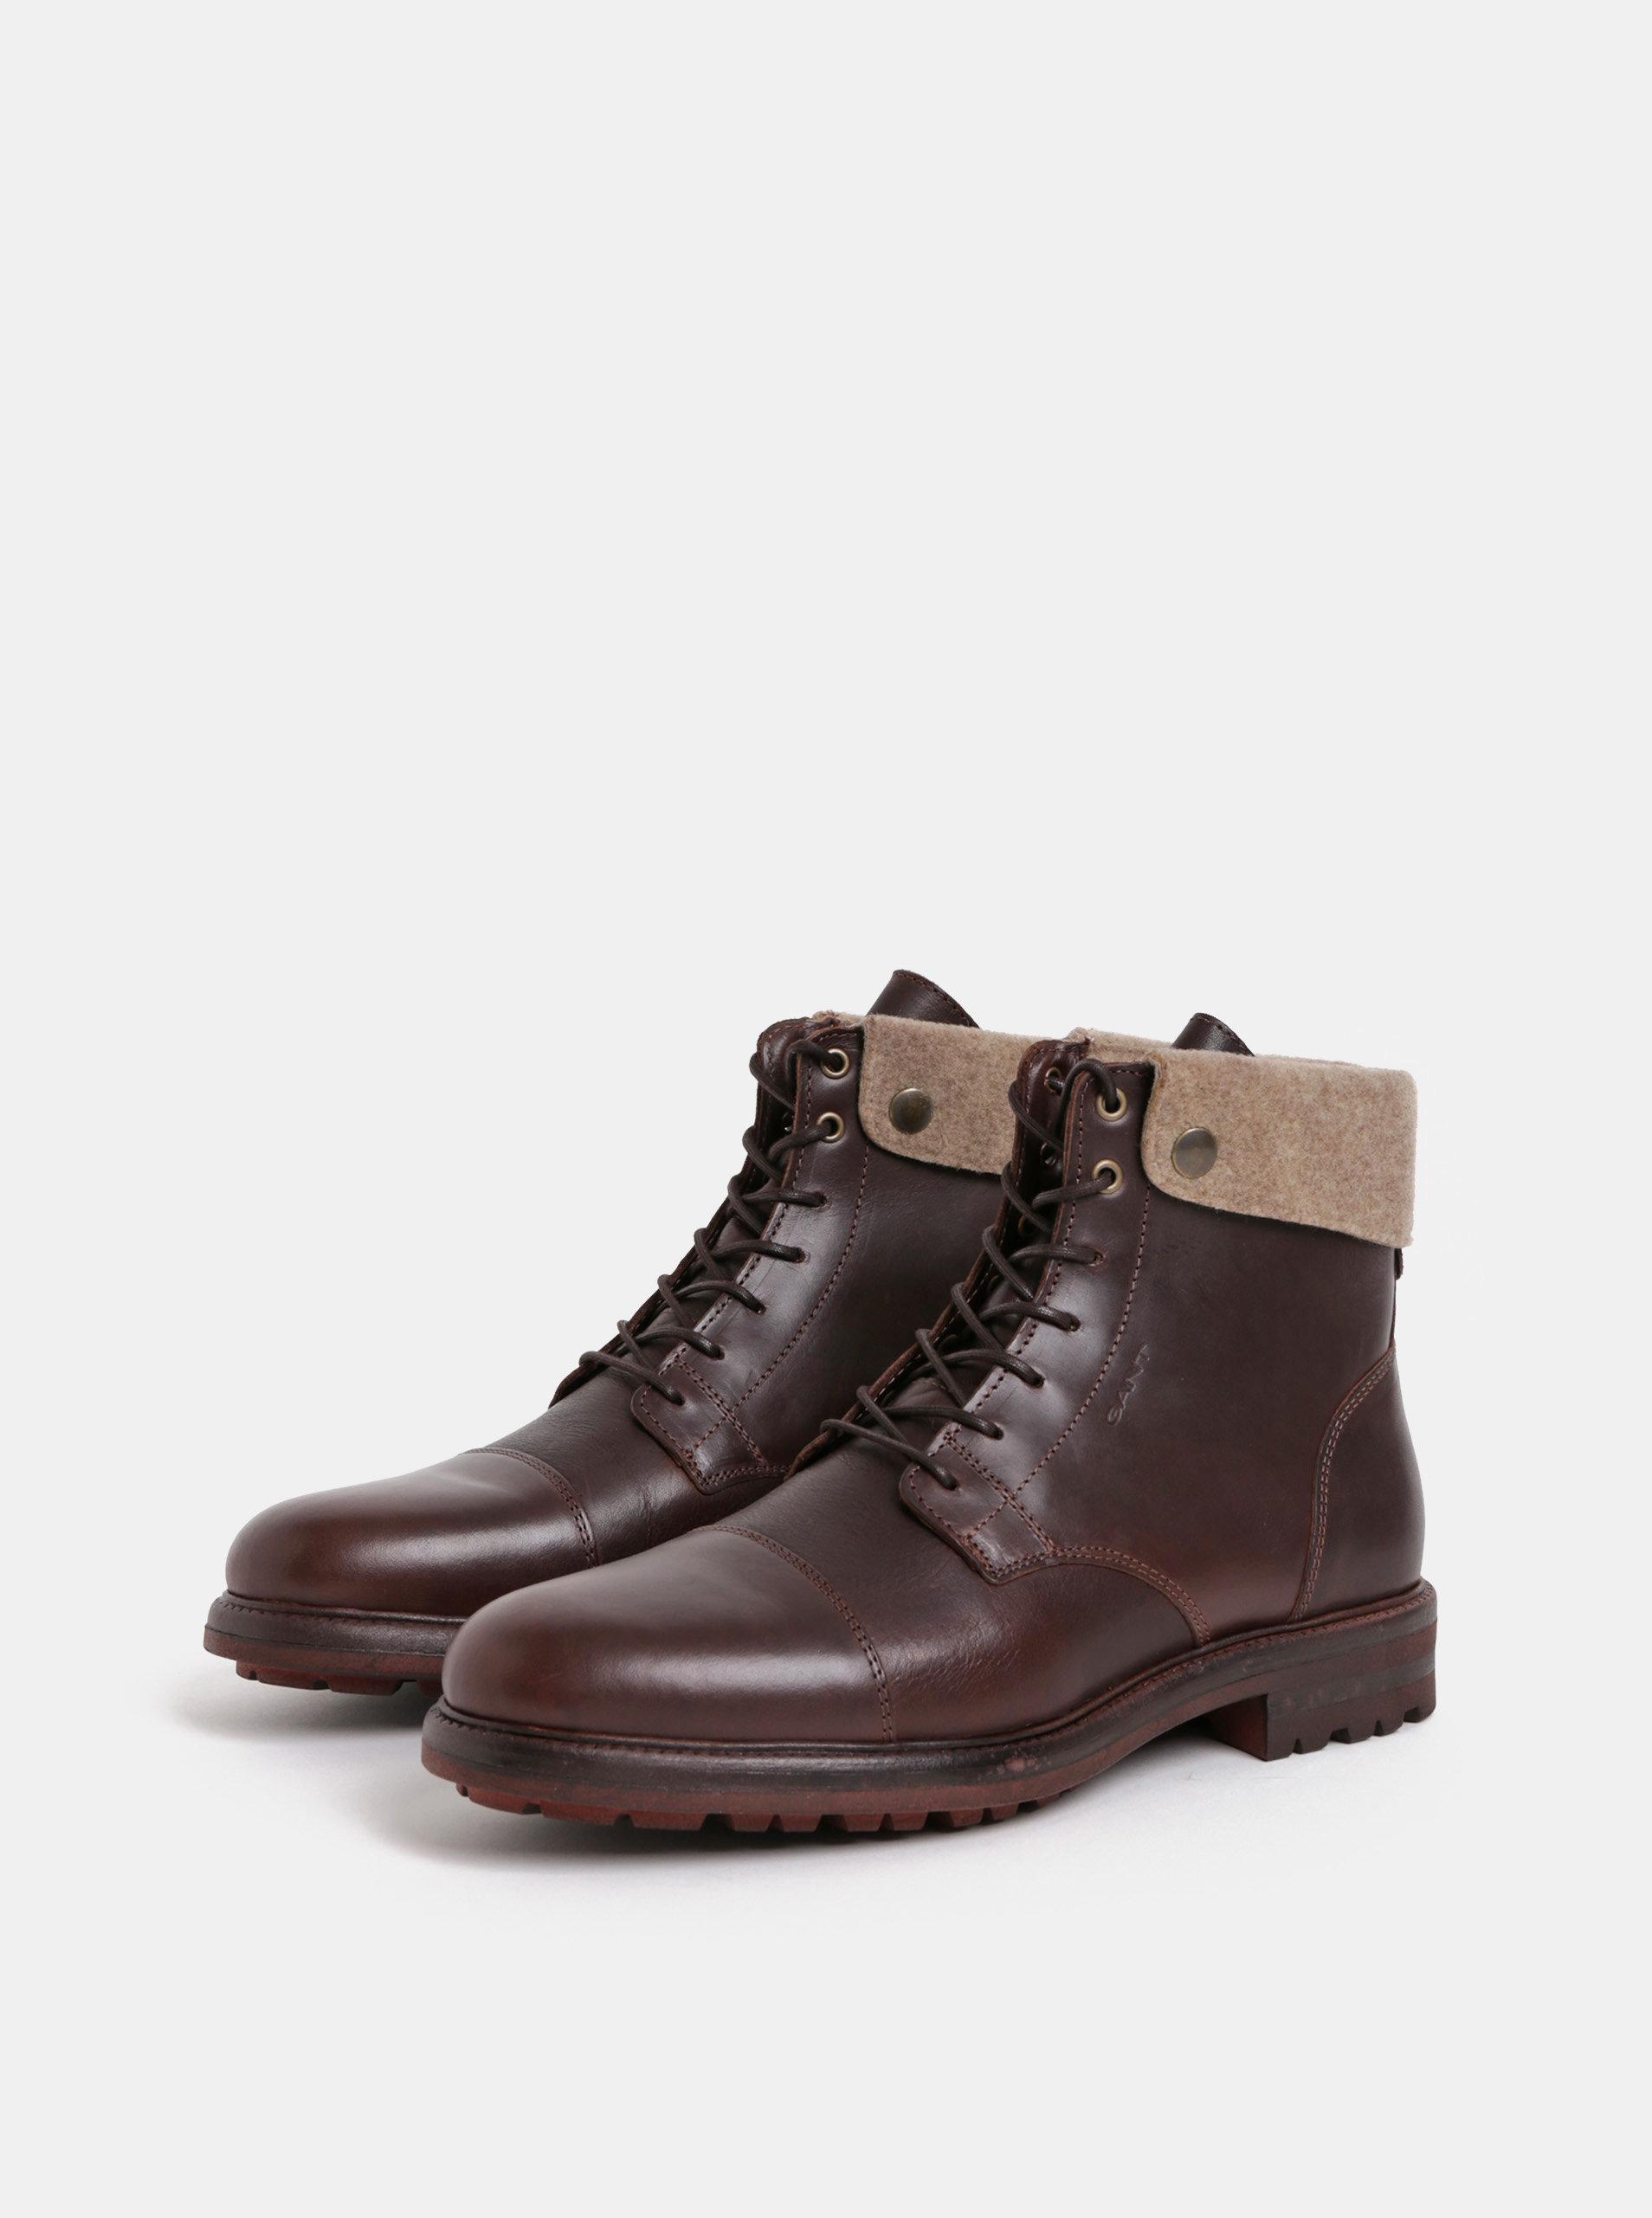 b269c6b0b7e7 Tmavohnedé pánske kožené členkové zimné topánky GANT Nobel ...